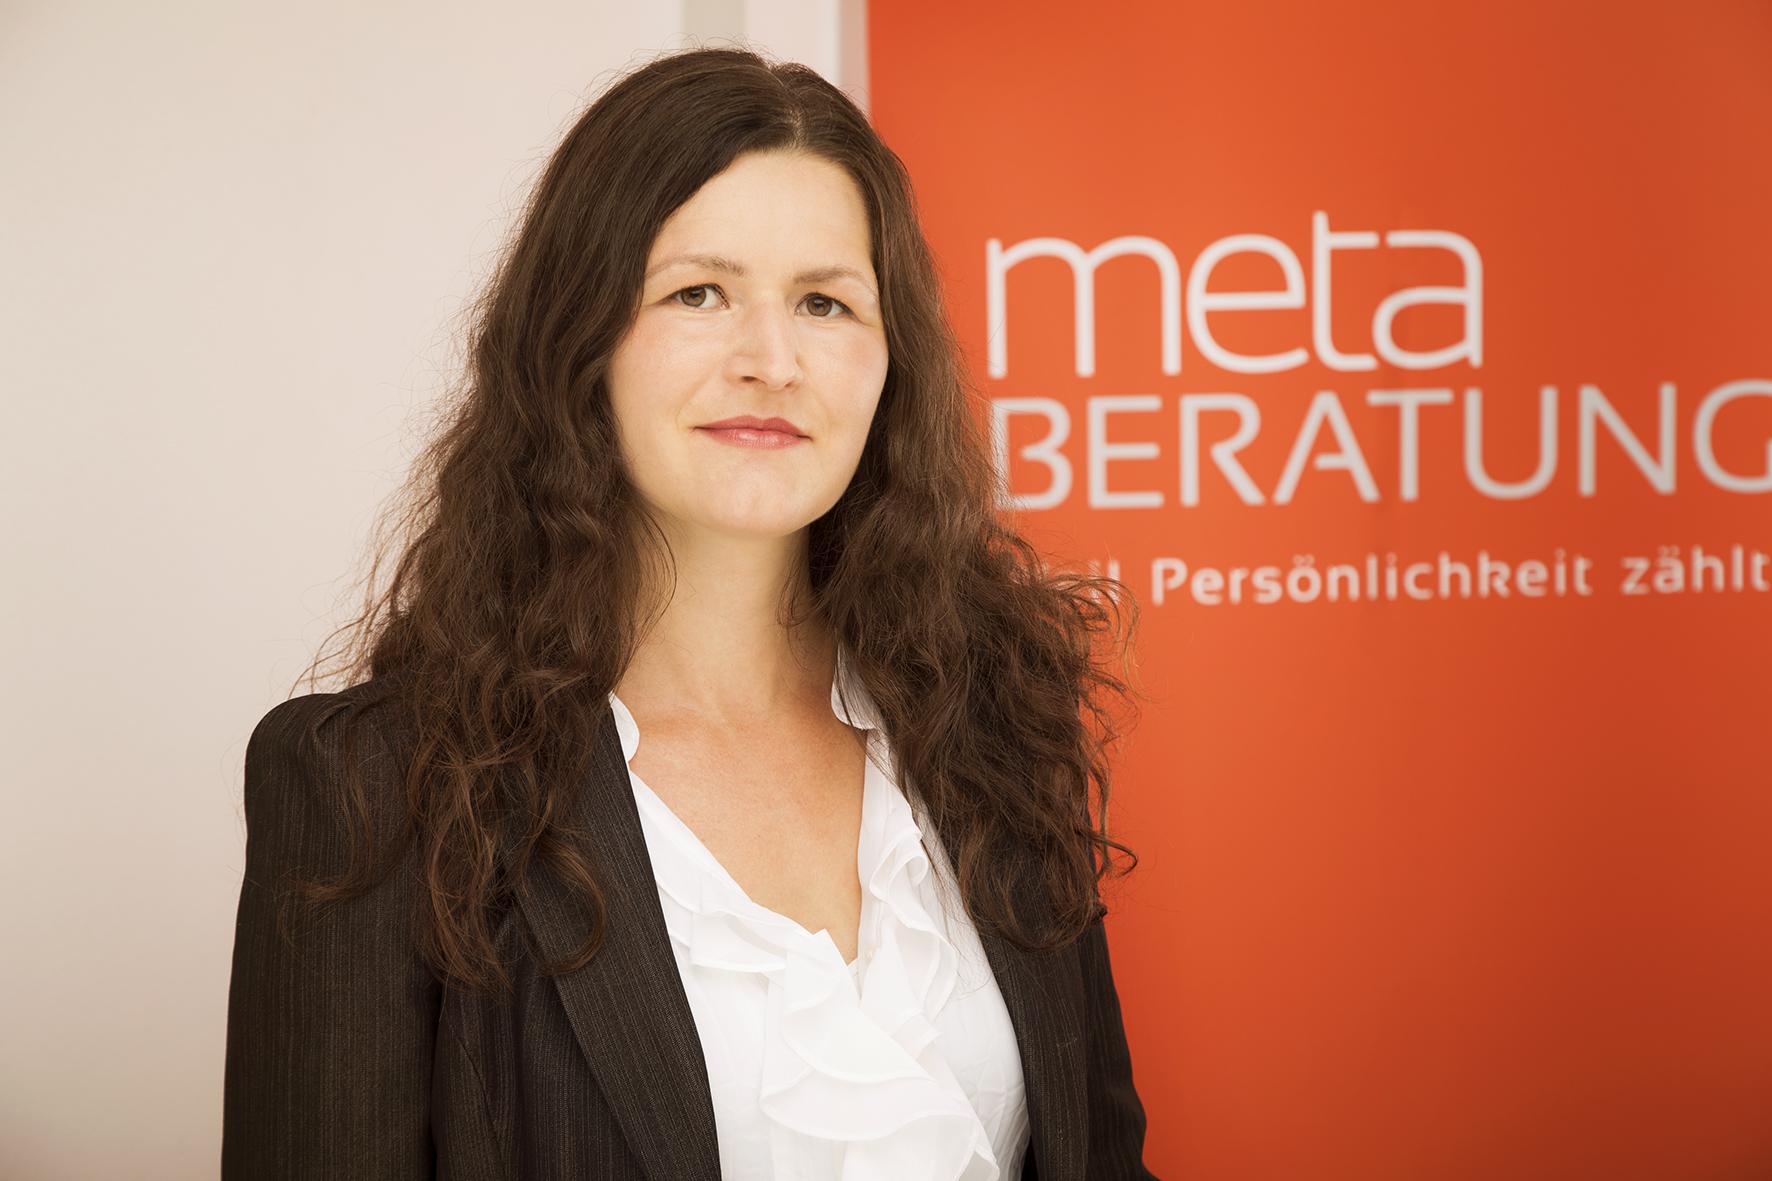 Dr Stefanie Puckett